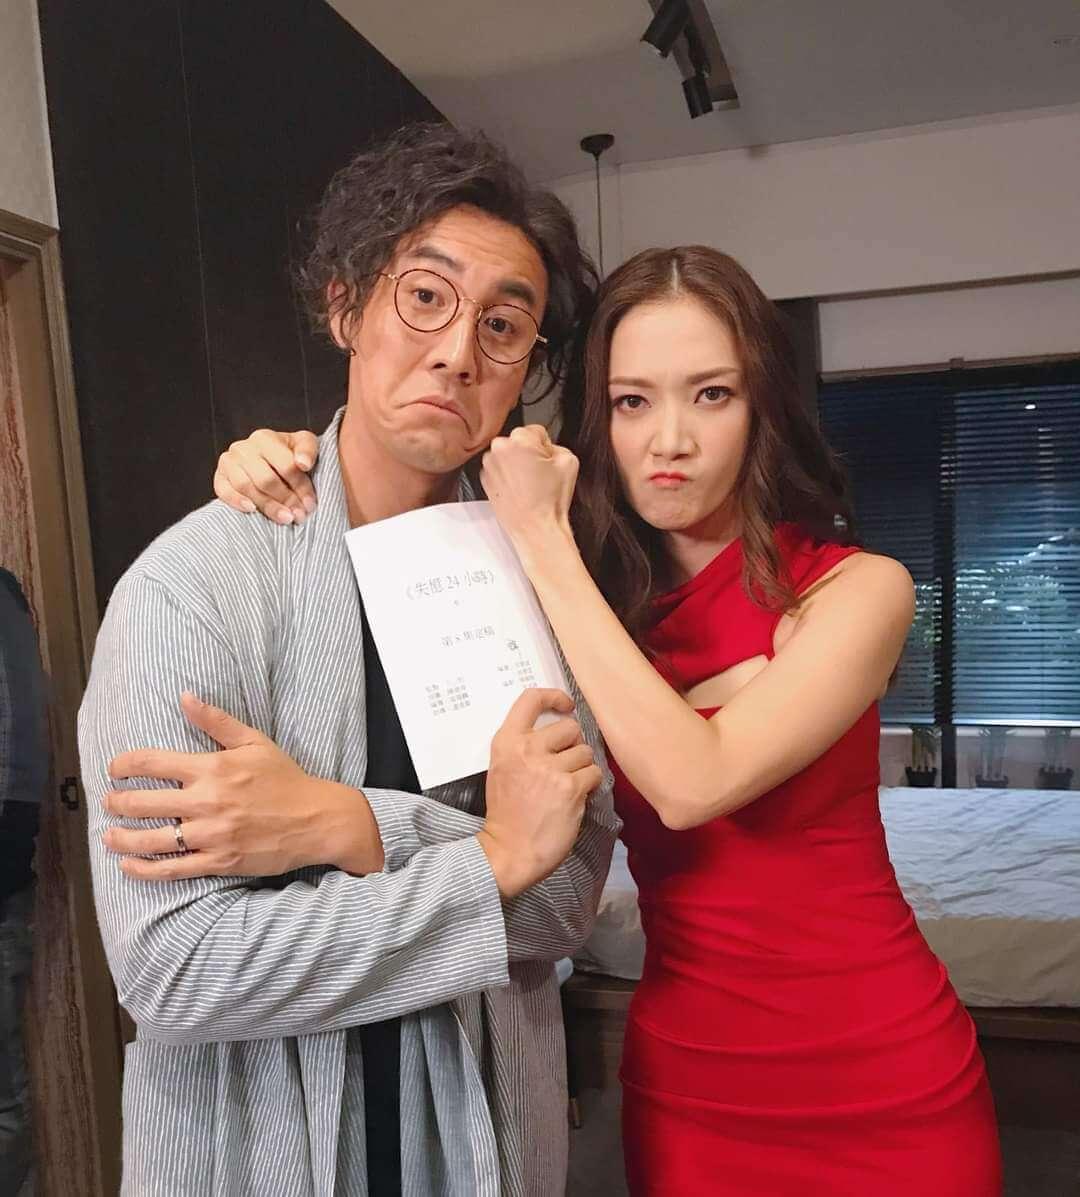 王君馨在《失憶24小時》飾演譚俊彥老婆,經常因為小事而家嘈屋閉。